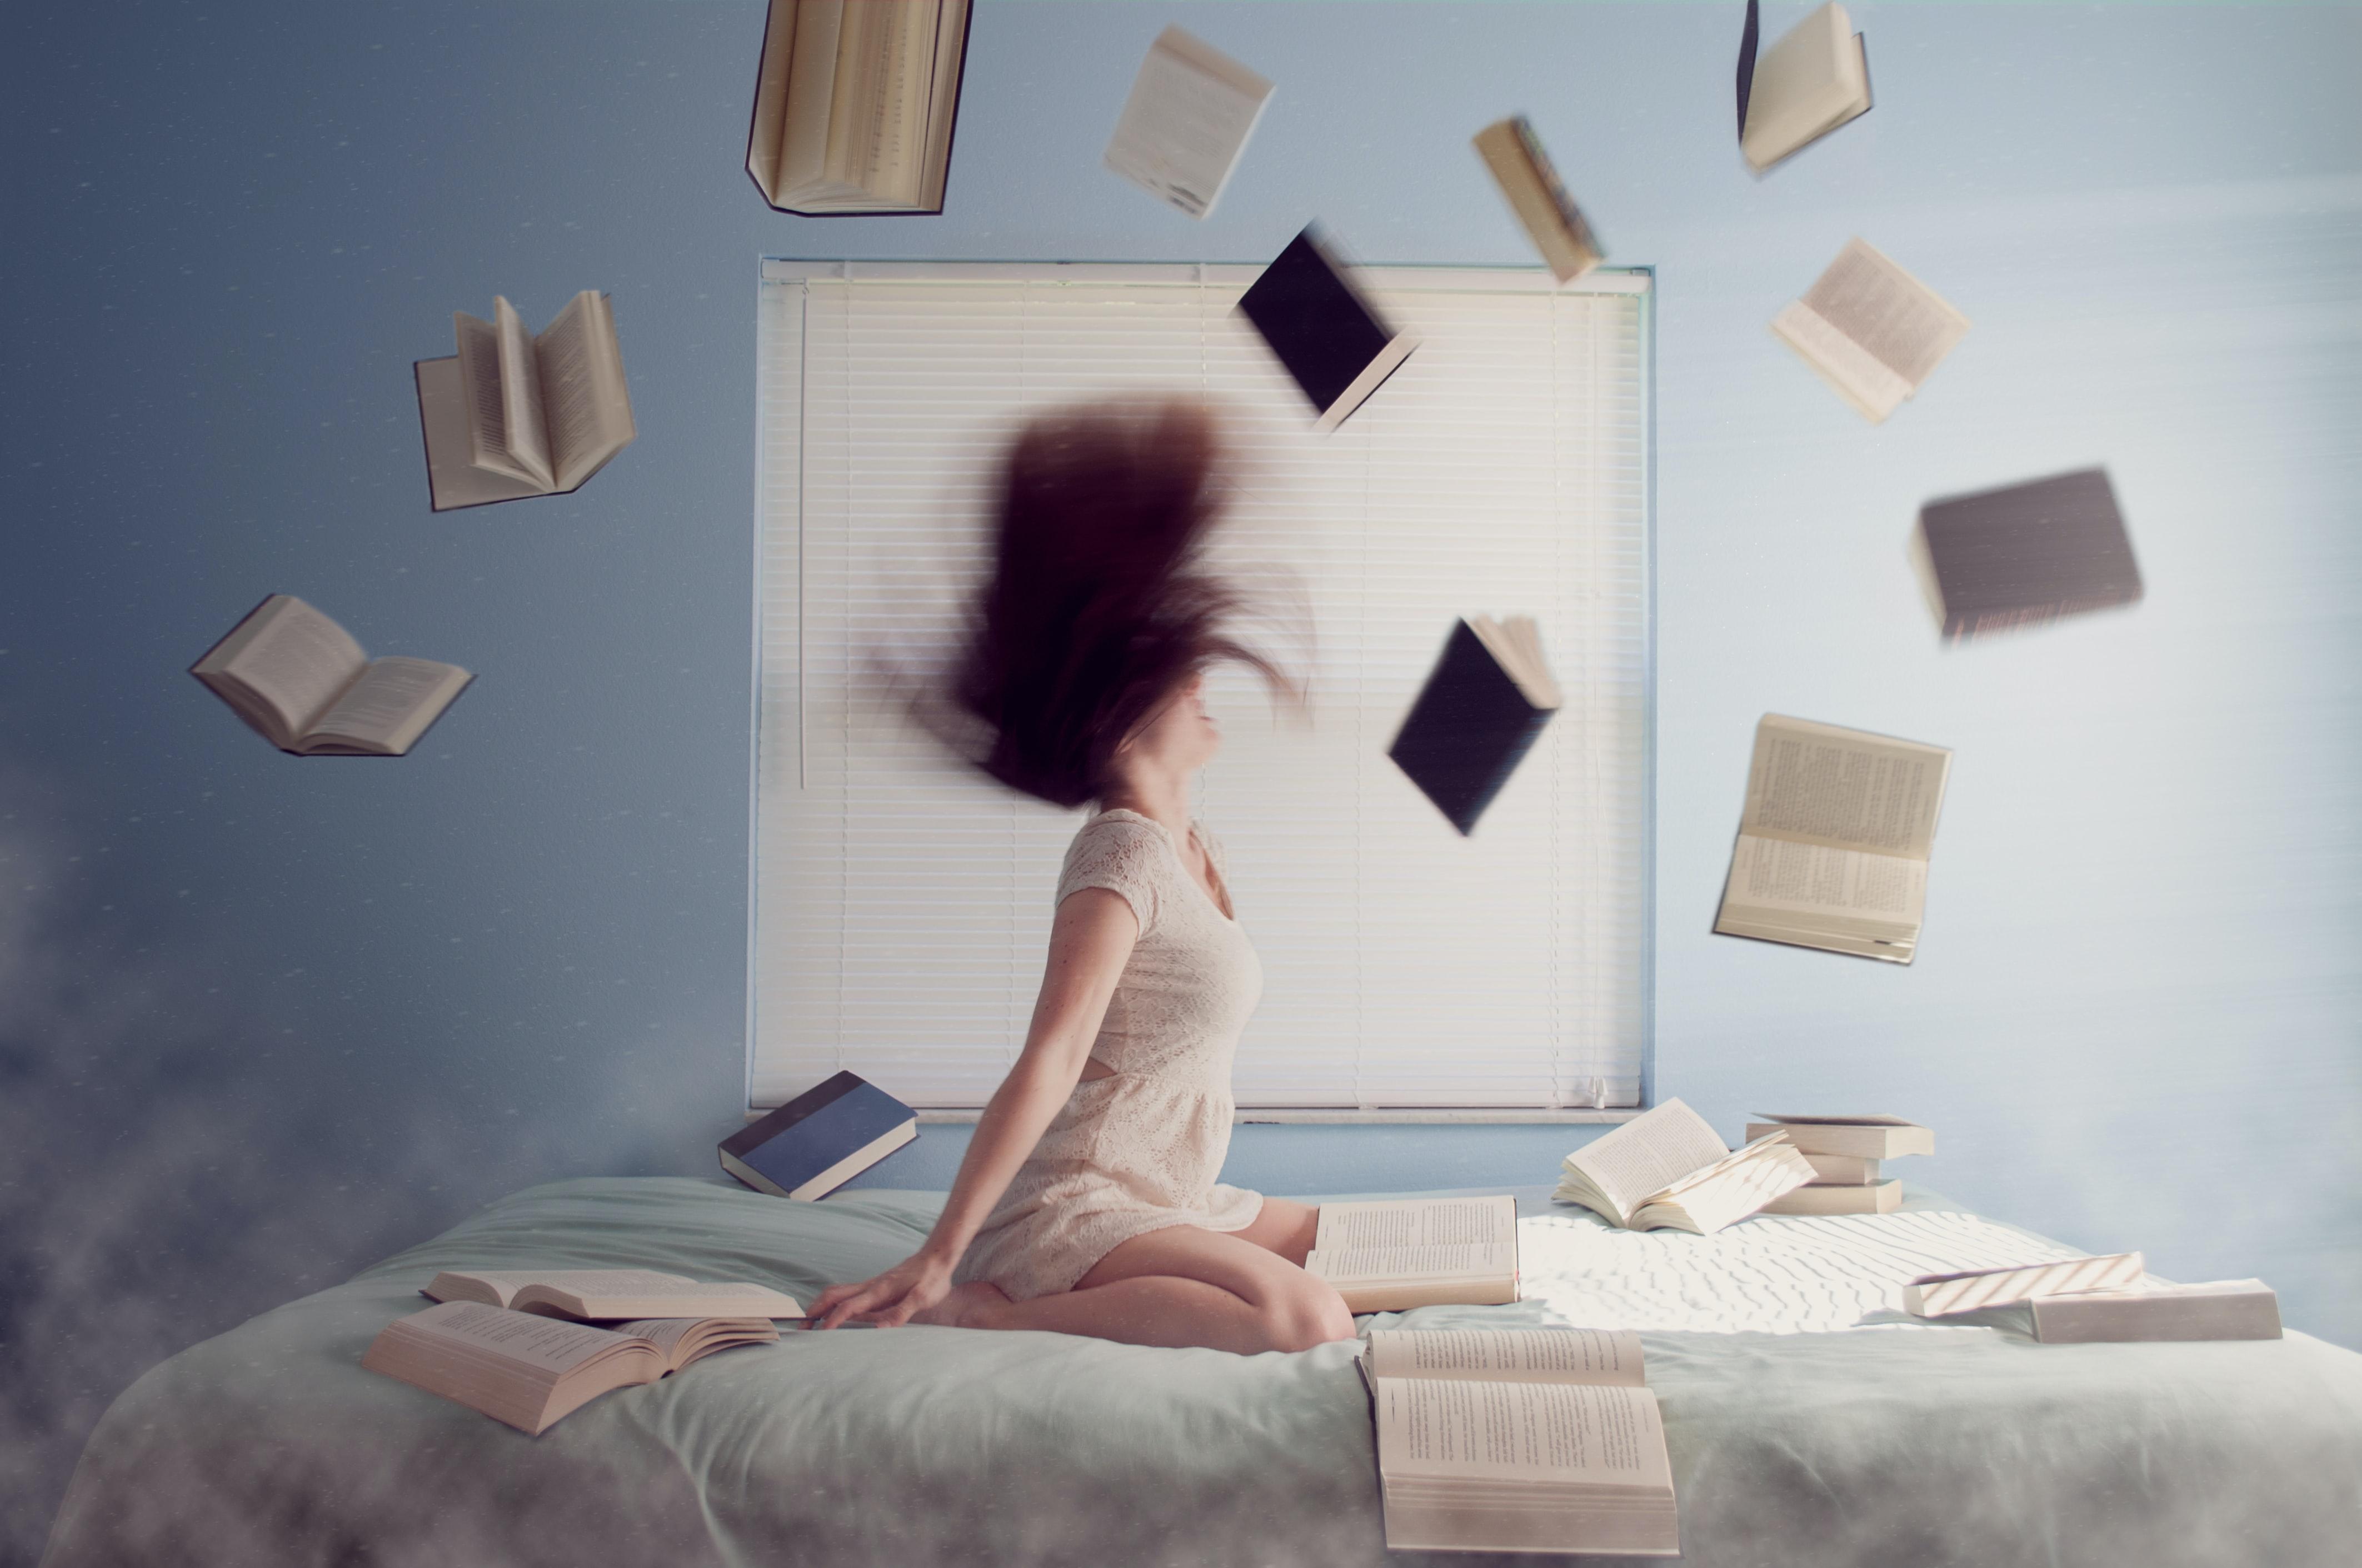 Чем больше читаете, тем крепче память. Фото: unsplash.com